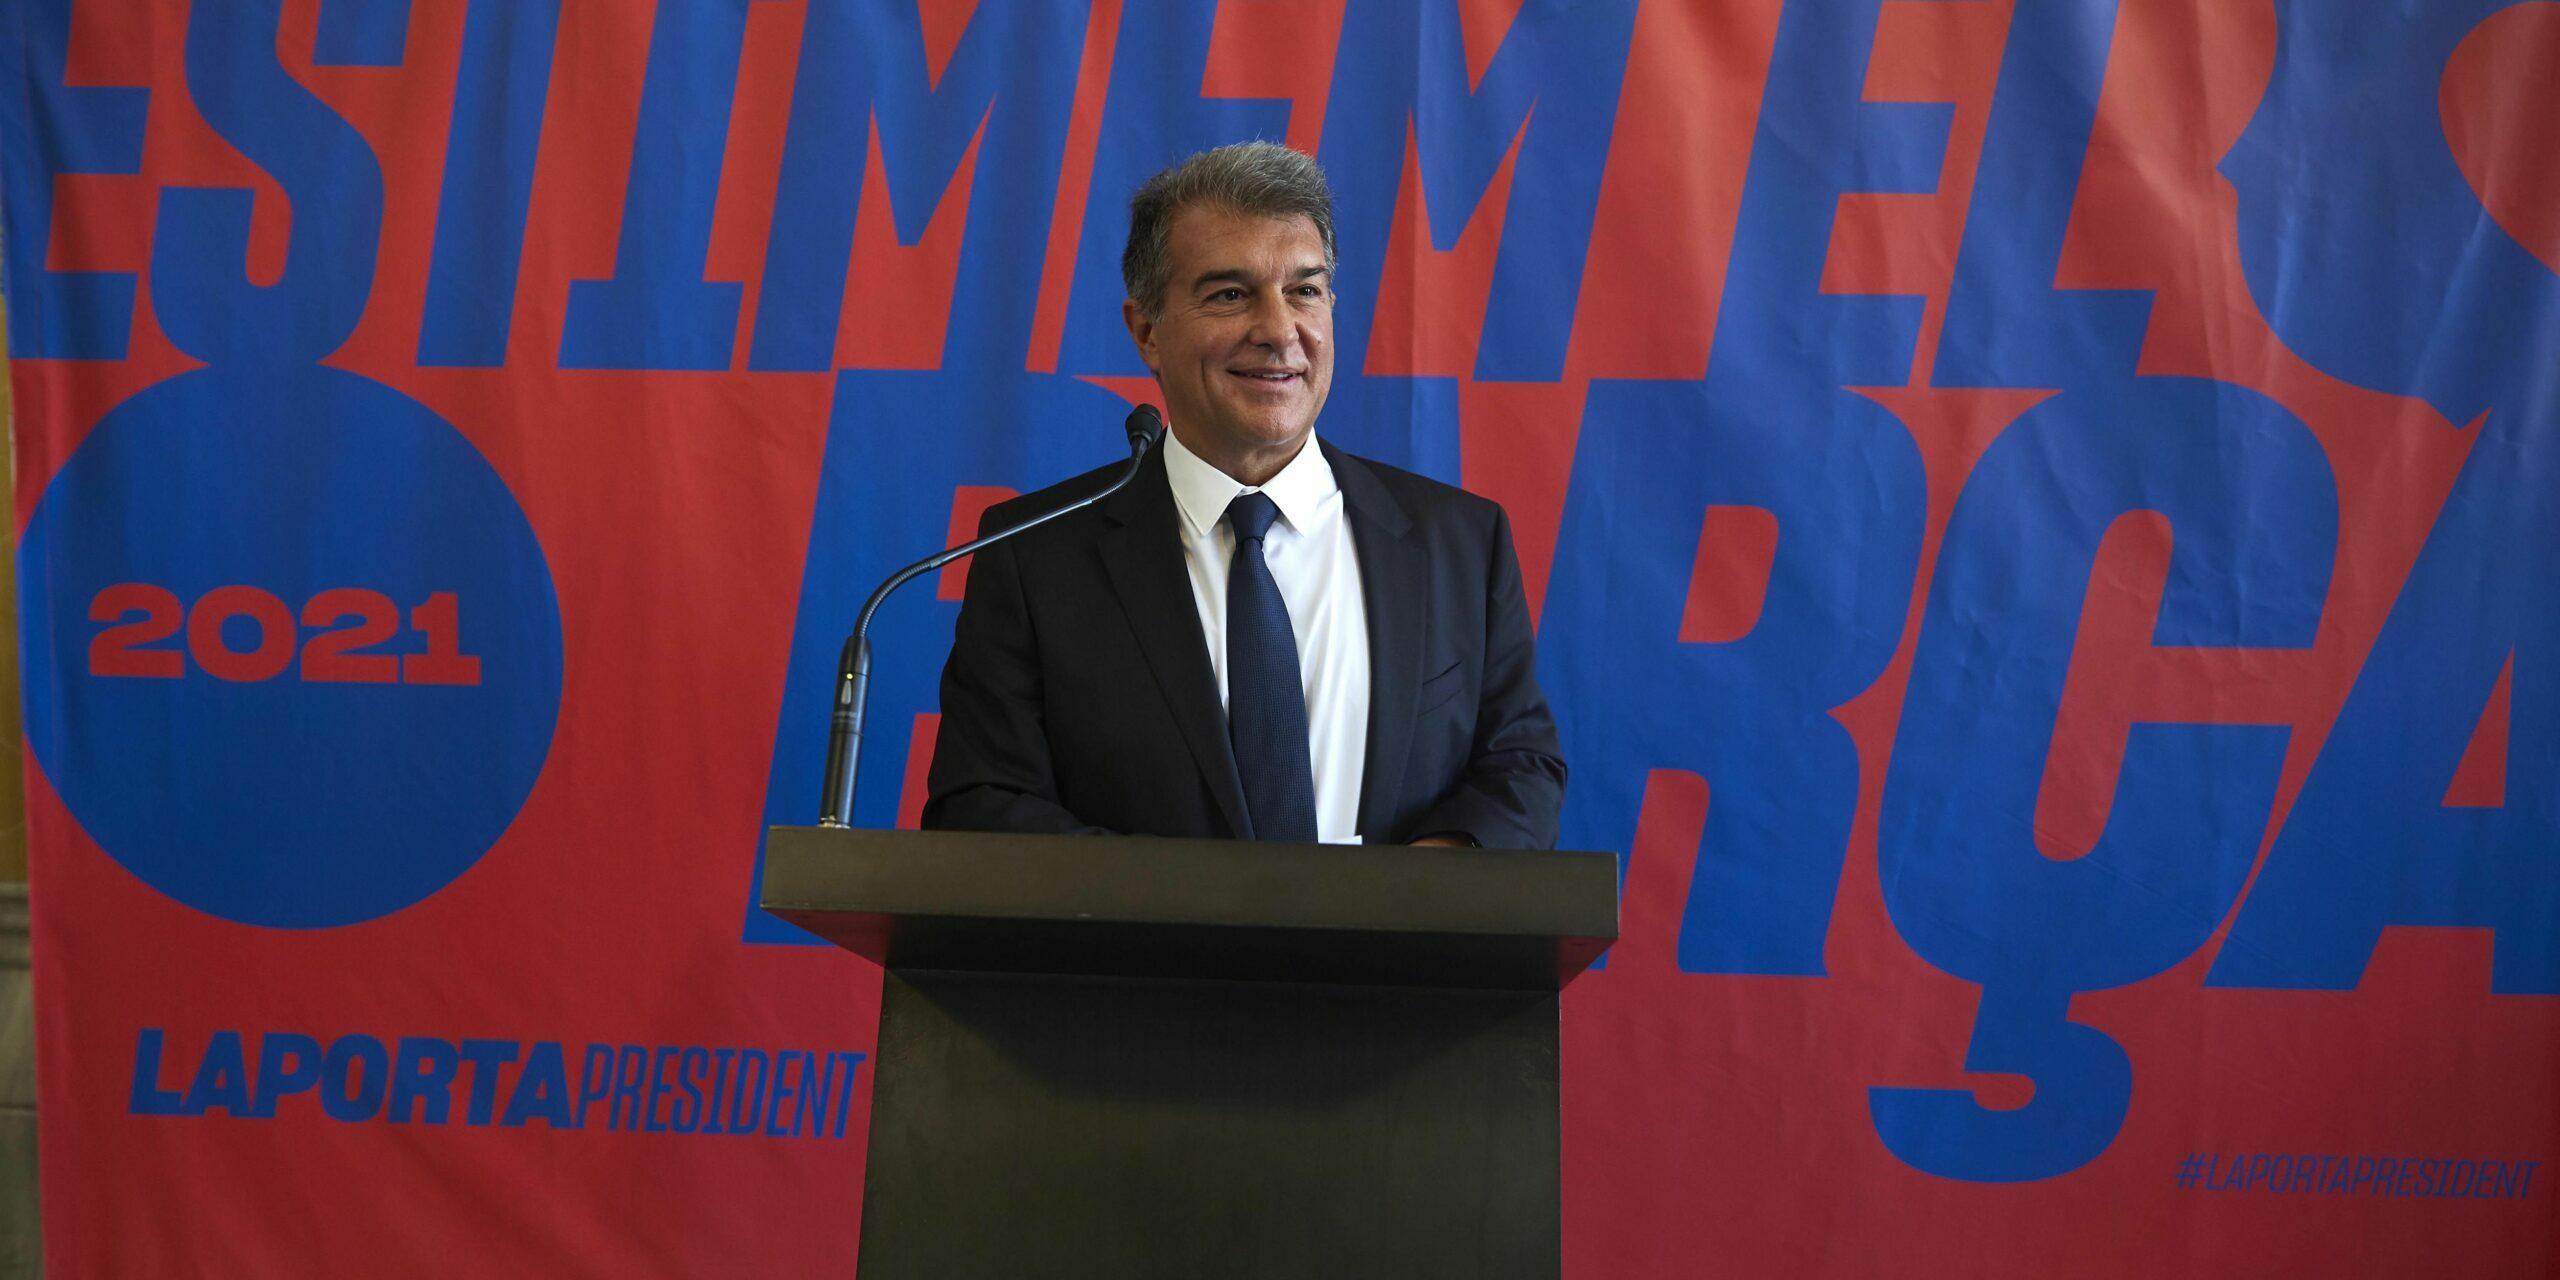 Joan Laporta, durant la presentació de la seva precandidatura a les eleccions del Barça |Estimem el Barça